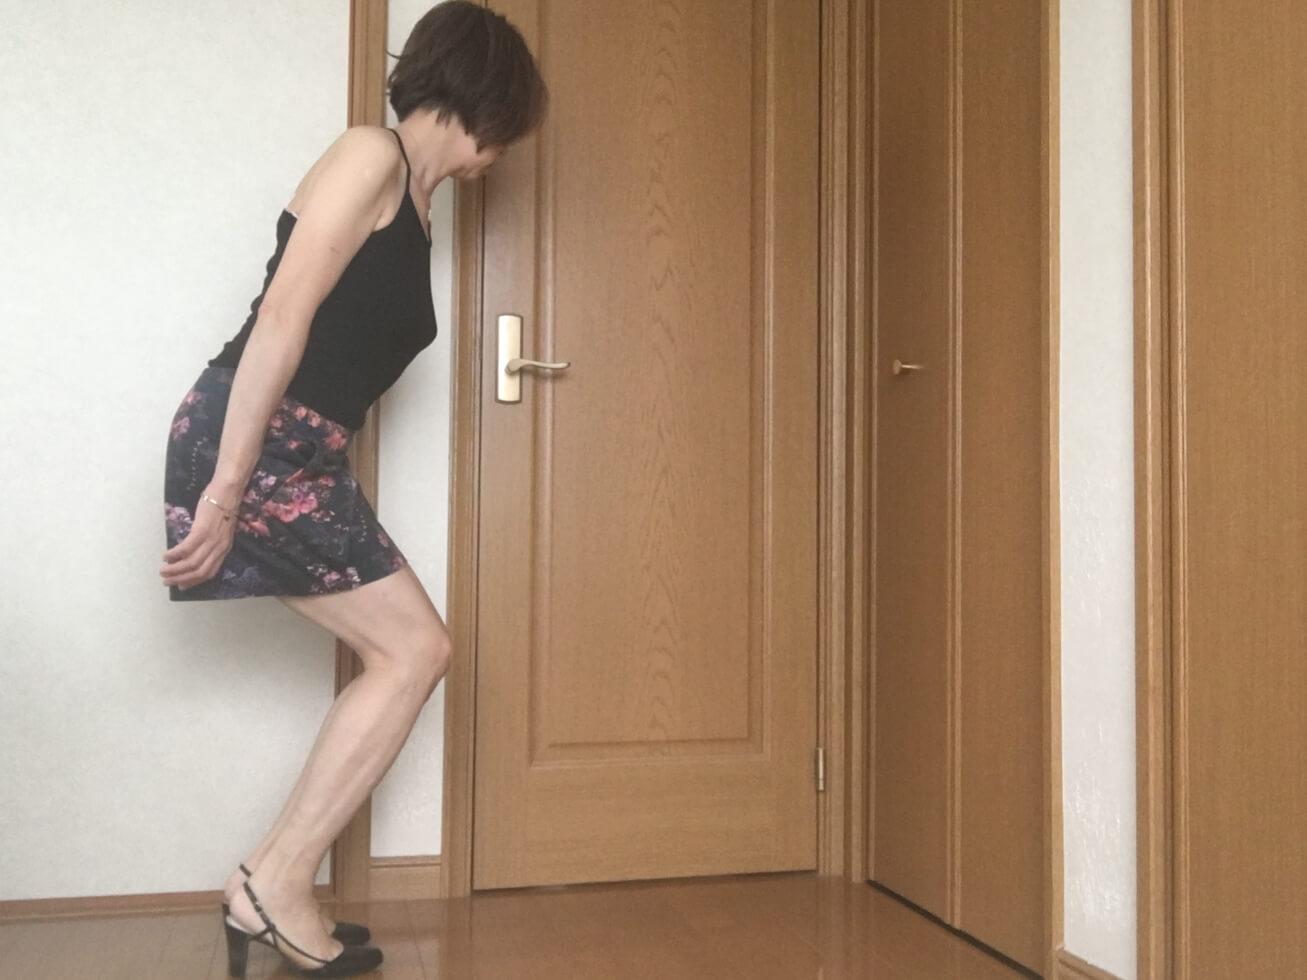 ガッツがミニスカートをはいてセクシーポーズをしようとしている写真